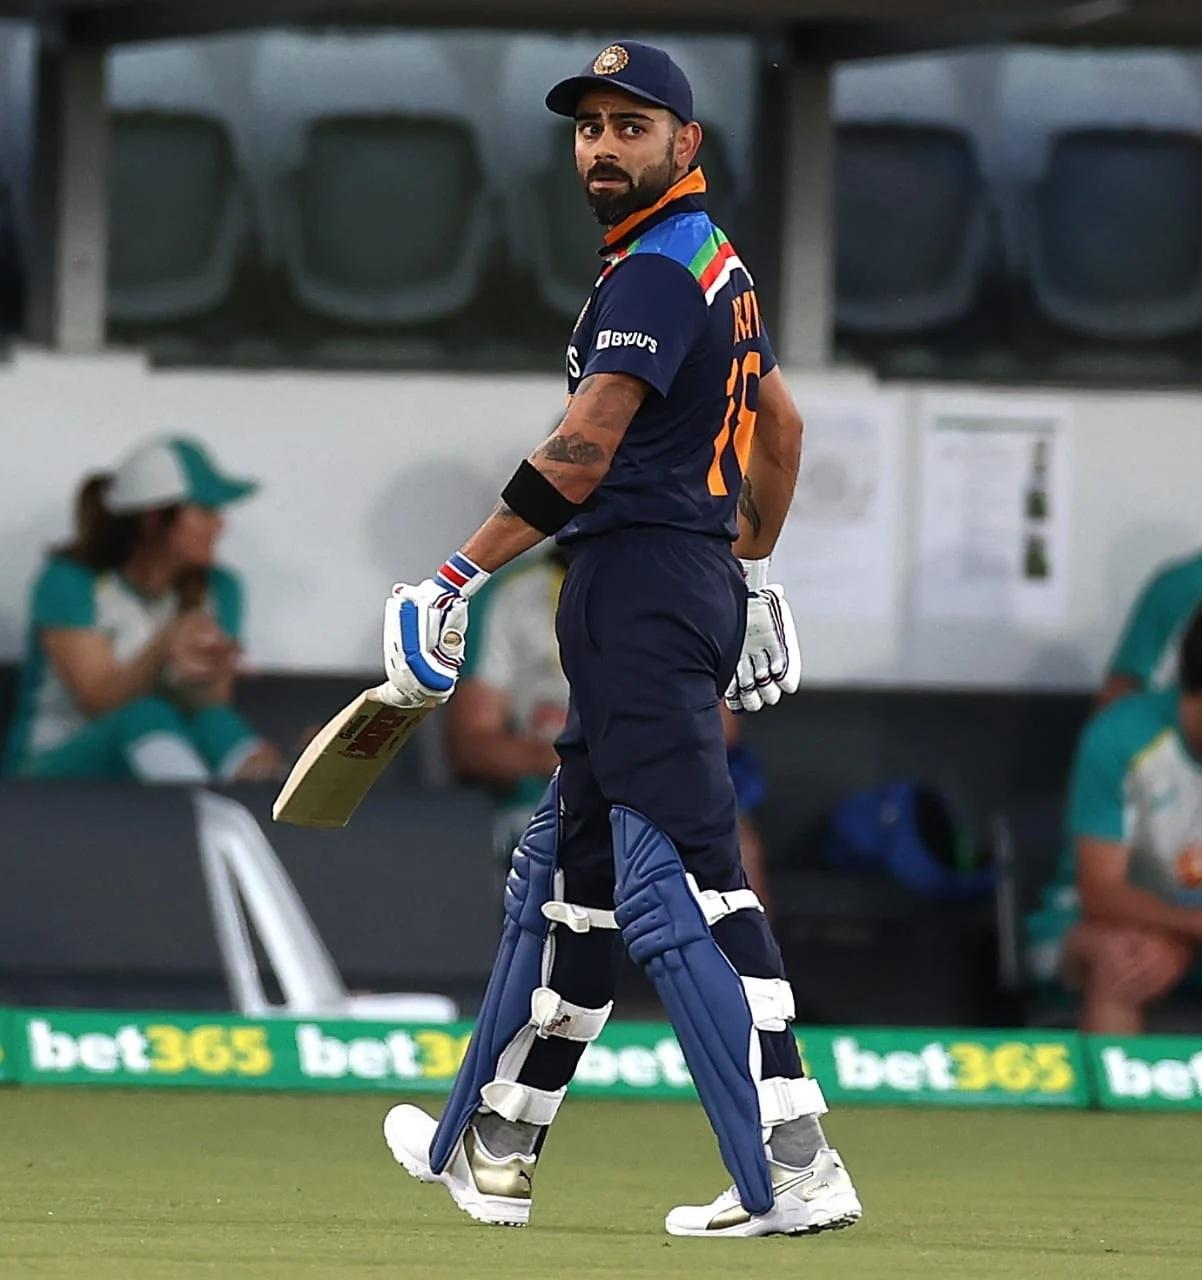 INDvsENG: প্রথম টি-২০তে ভারত ইংল্যান্ডকে দিল ১২৫ রানের লক্ষ্য, বিরাট কোহলি হলেন ট্রোল 1